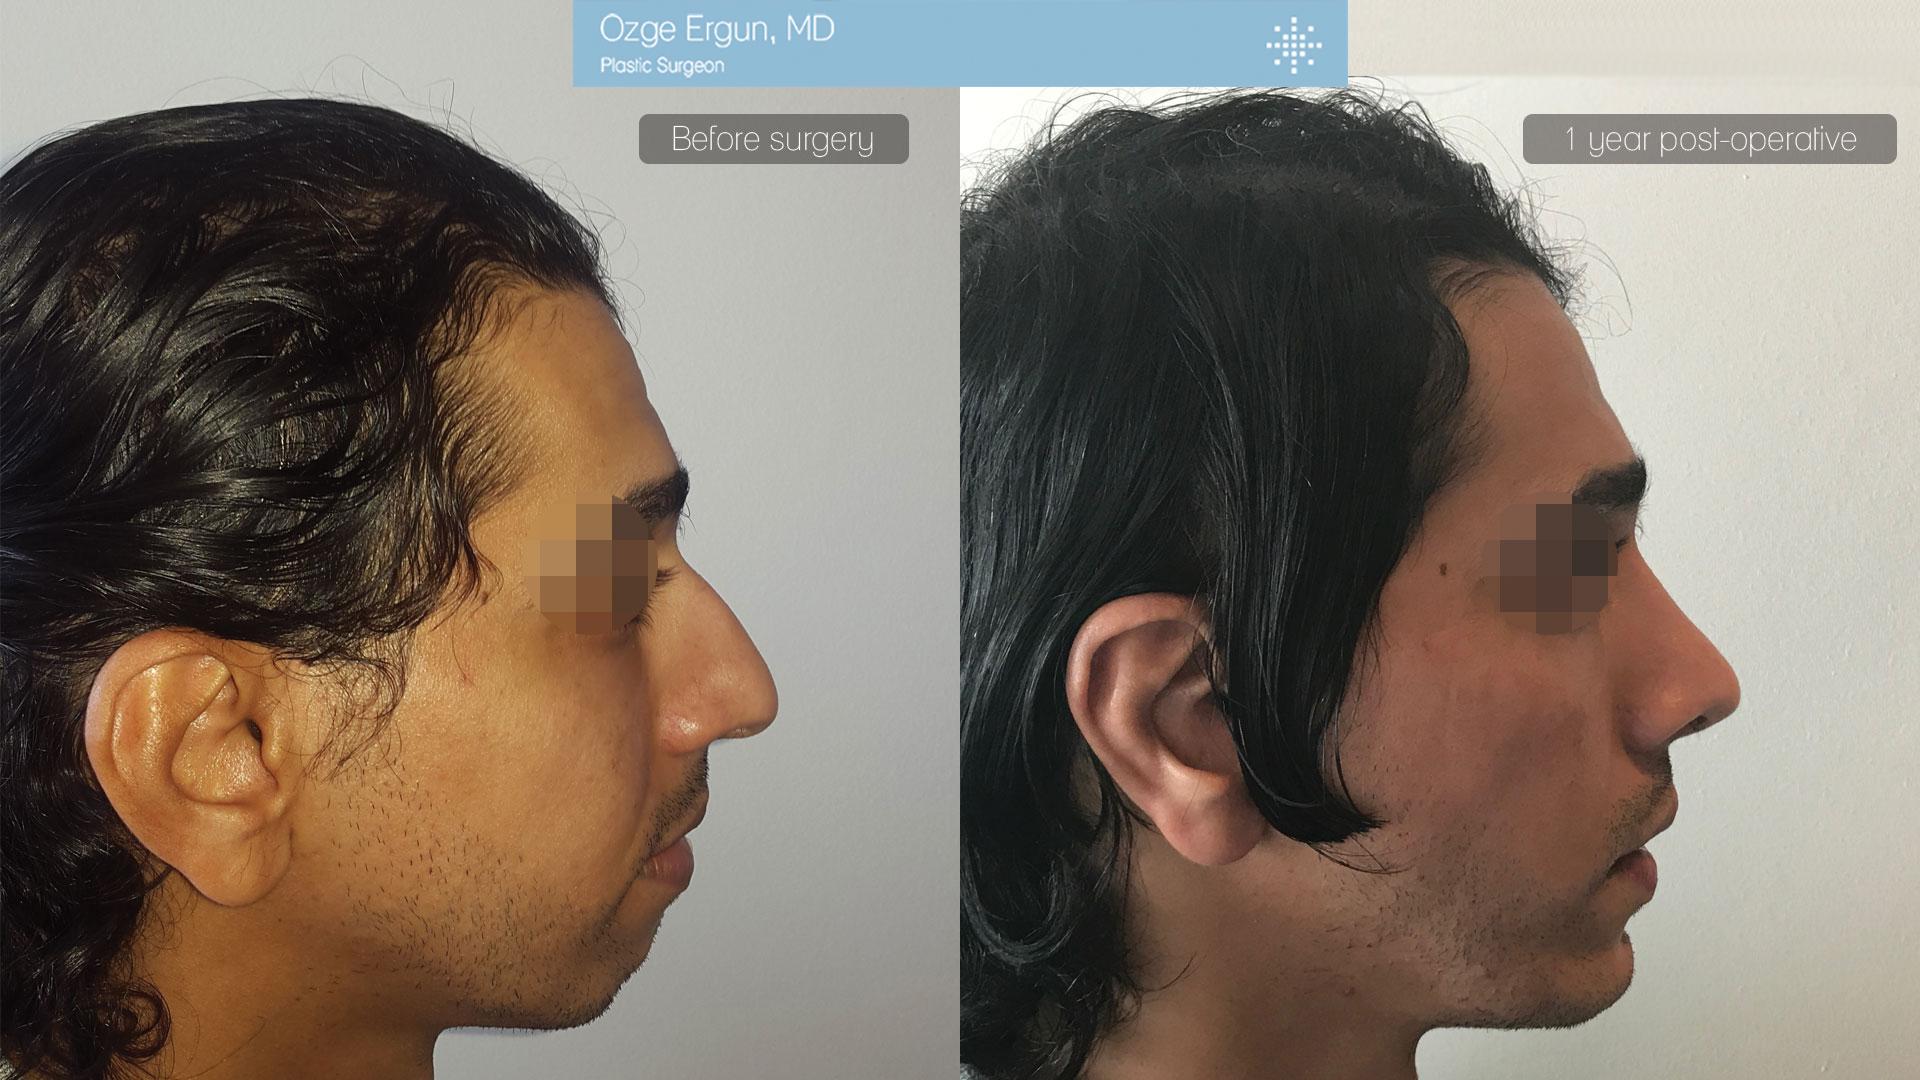 عملية تجميل الأنف +زراعة الذقن +جراحه الأذن